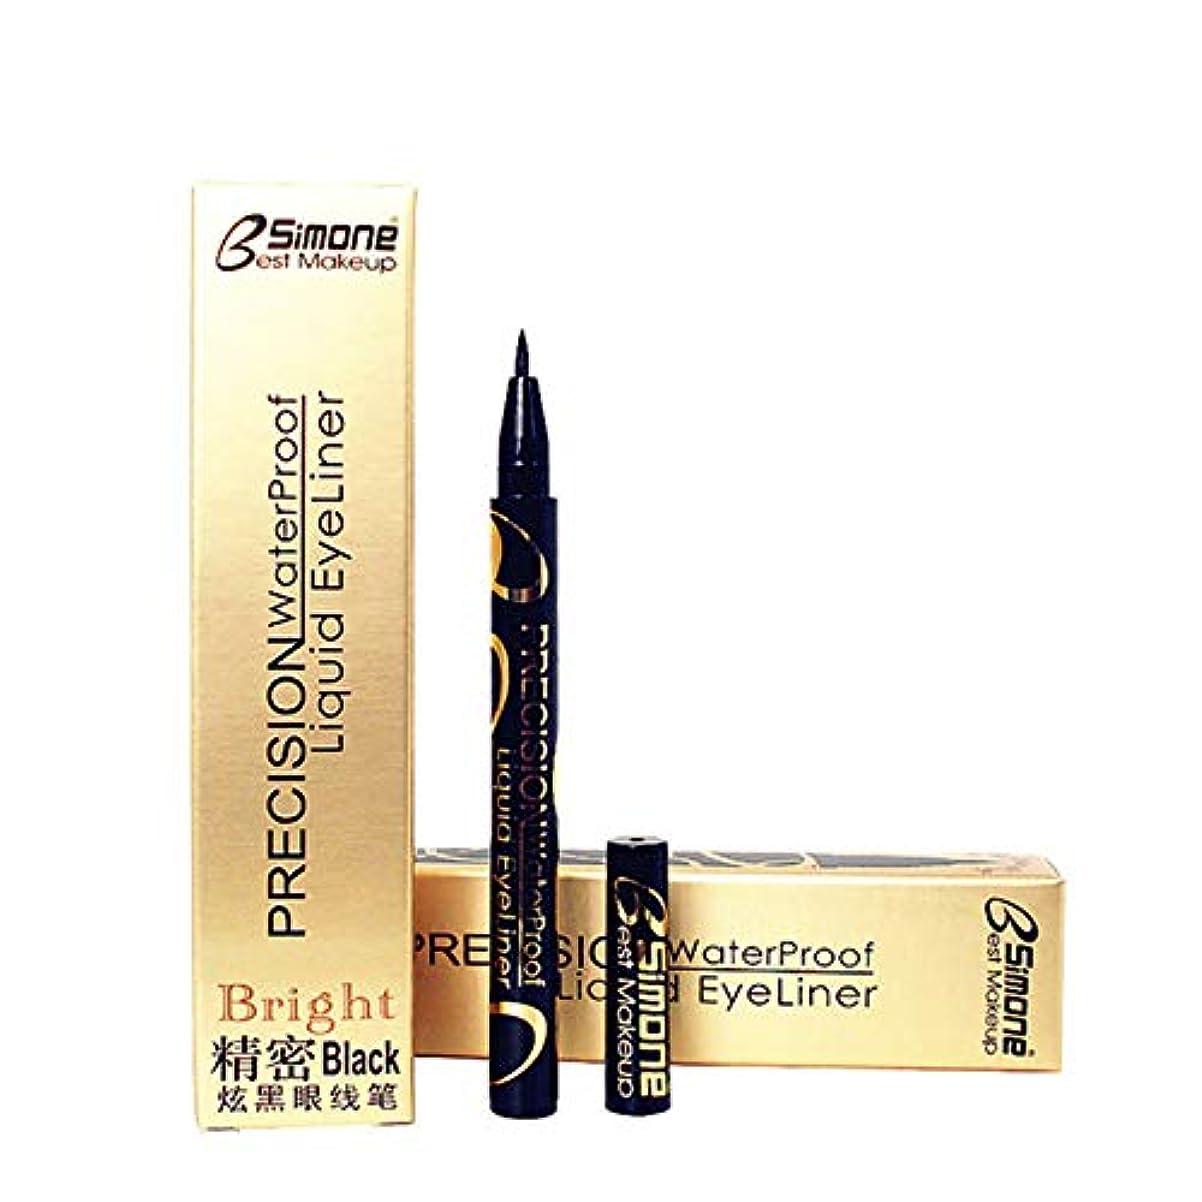 補助高音おとうさん新しい防水美容メイク化粧品アイライナーペンシルブラックリキッドアイライナーペン